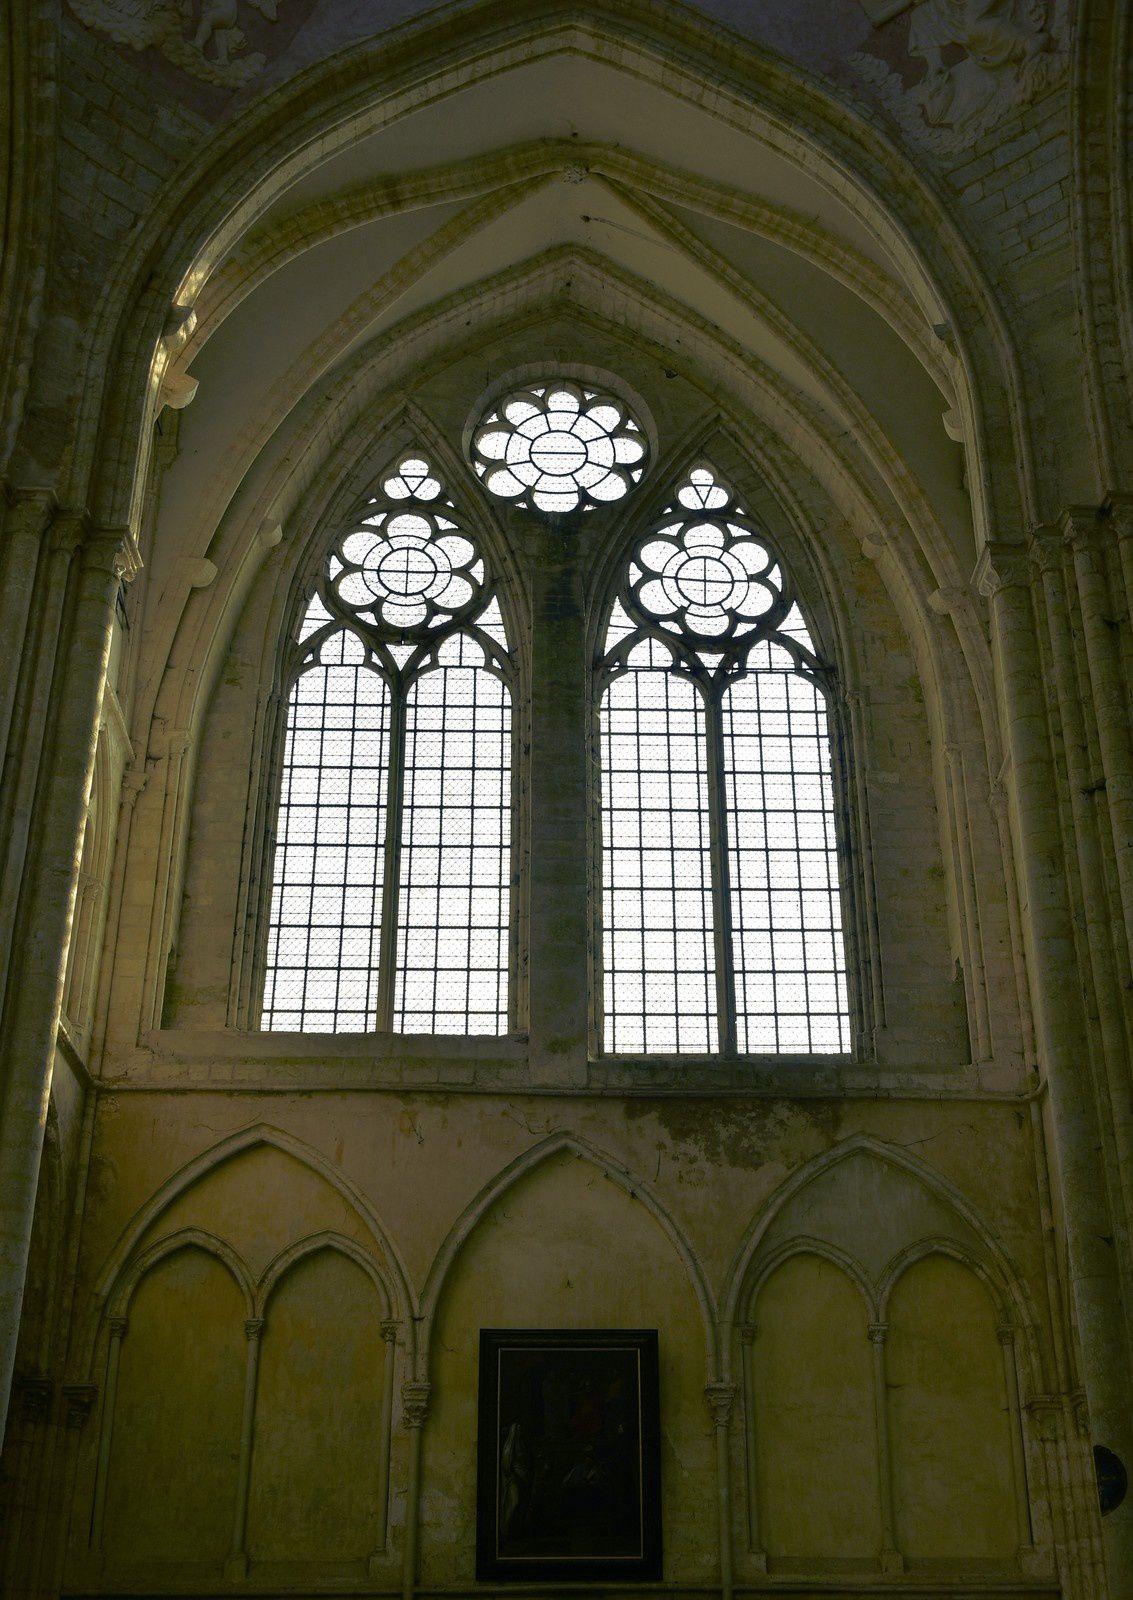 Le 24/03/2019 Balade à la cité médiévale de Provins. (2) La collégiale Saint-Quiriace.